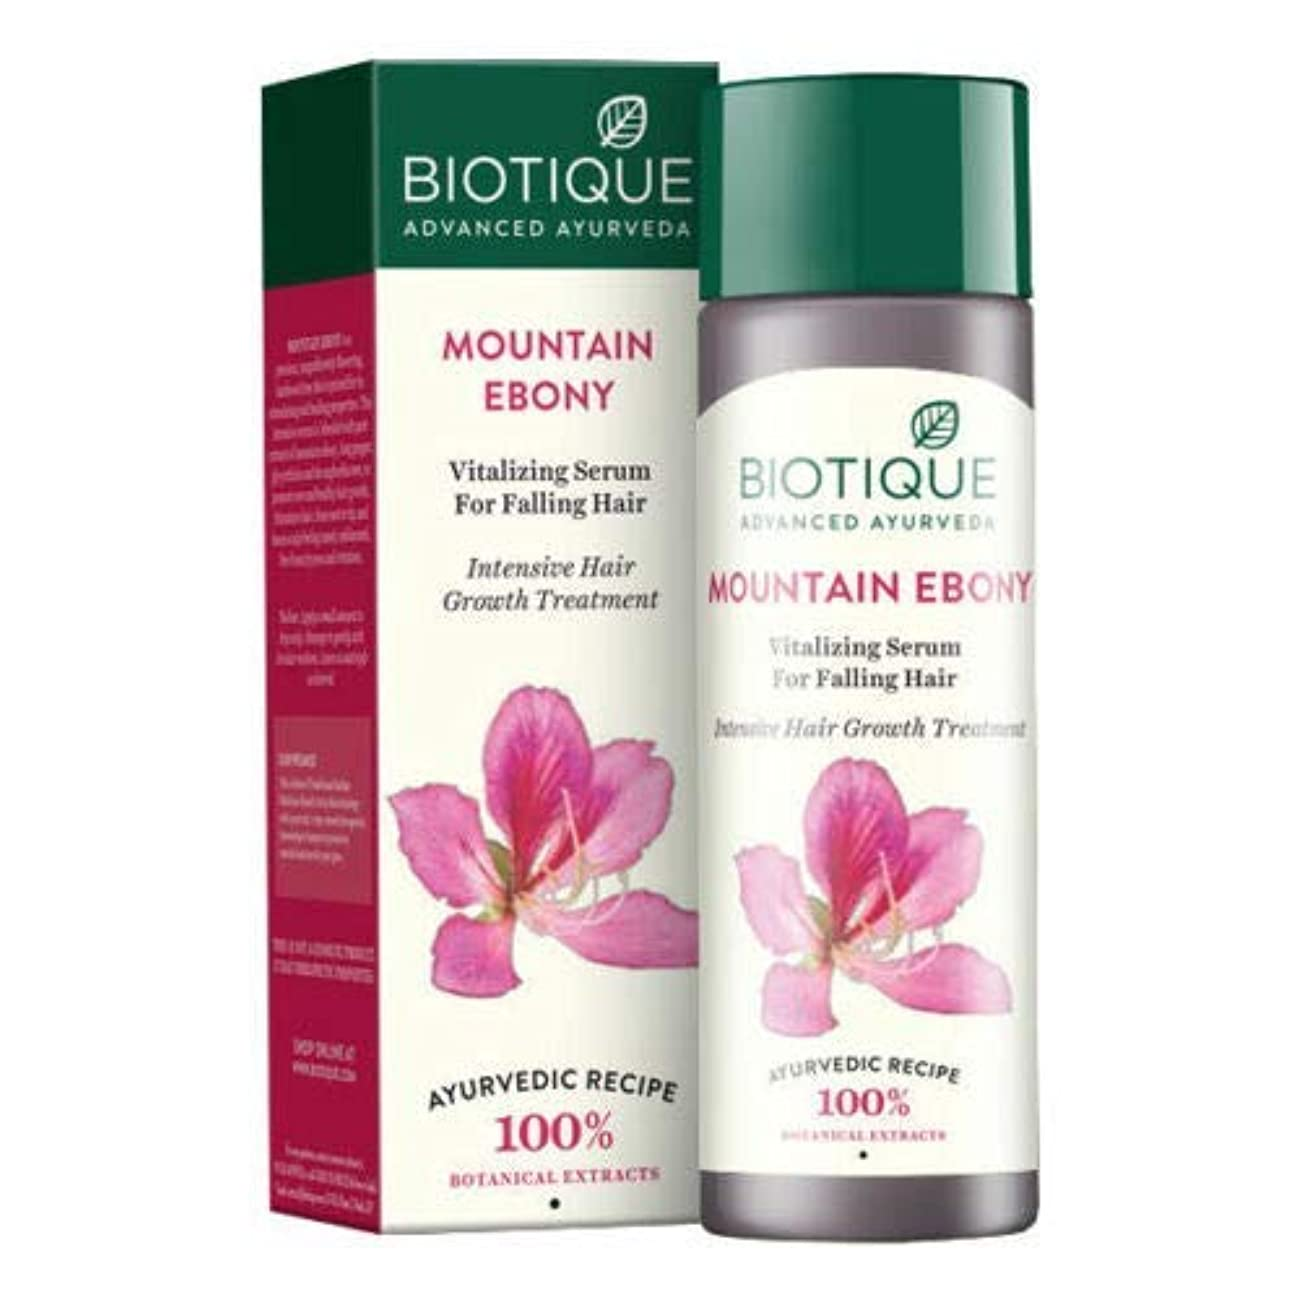 テスト豊かな不道徳Biotique Bio Mountain Ebony Vitalizing Serum For Falling Hair Treatment 落下の毛の処置のためのBiotiqueのバイオ山の黒檀の活力を与える血清